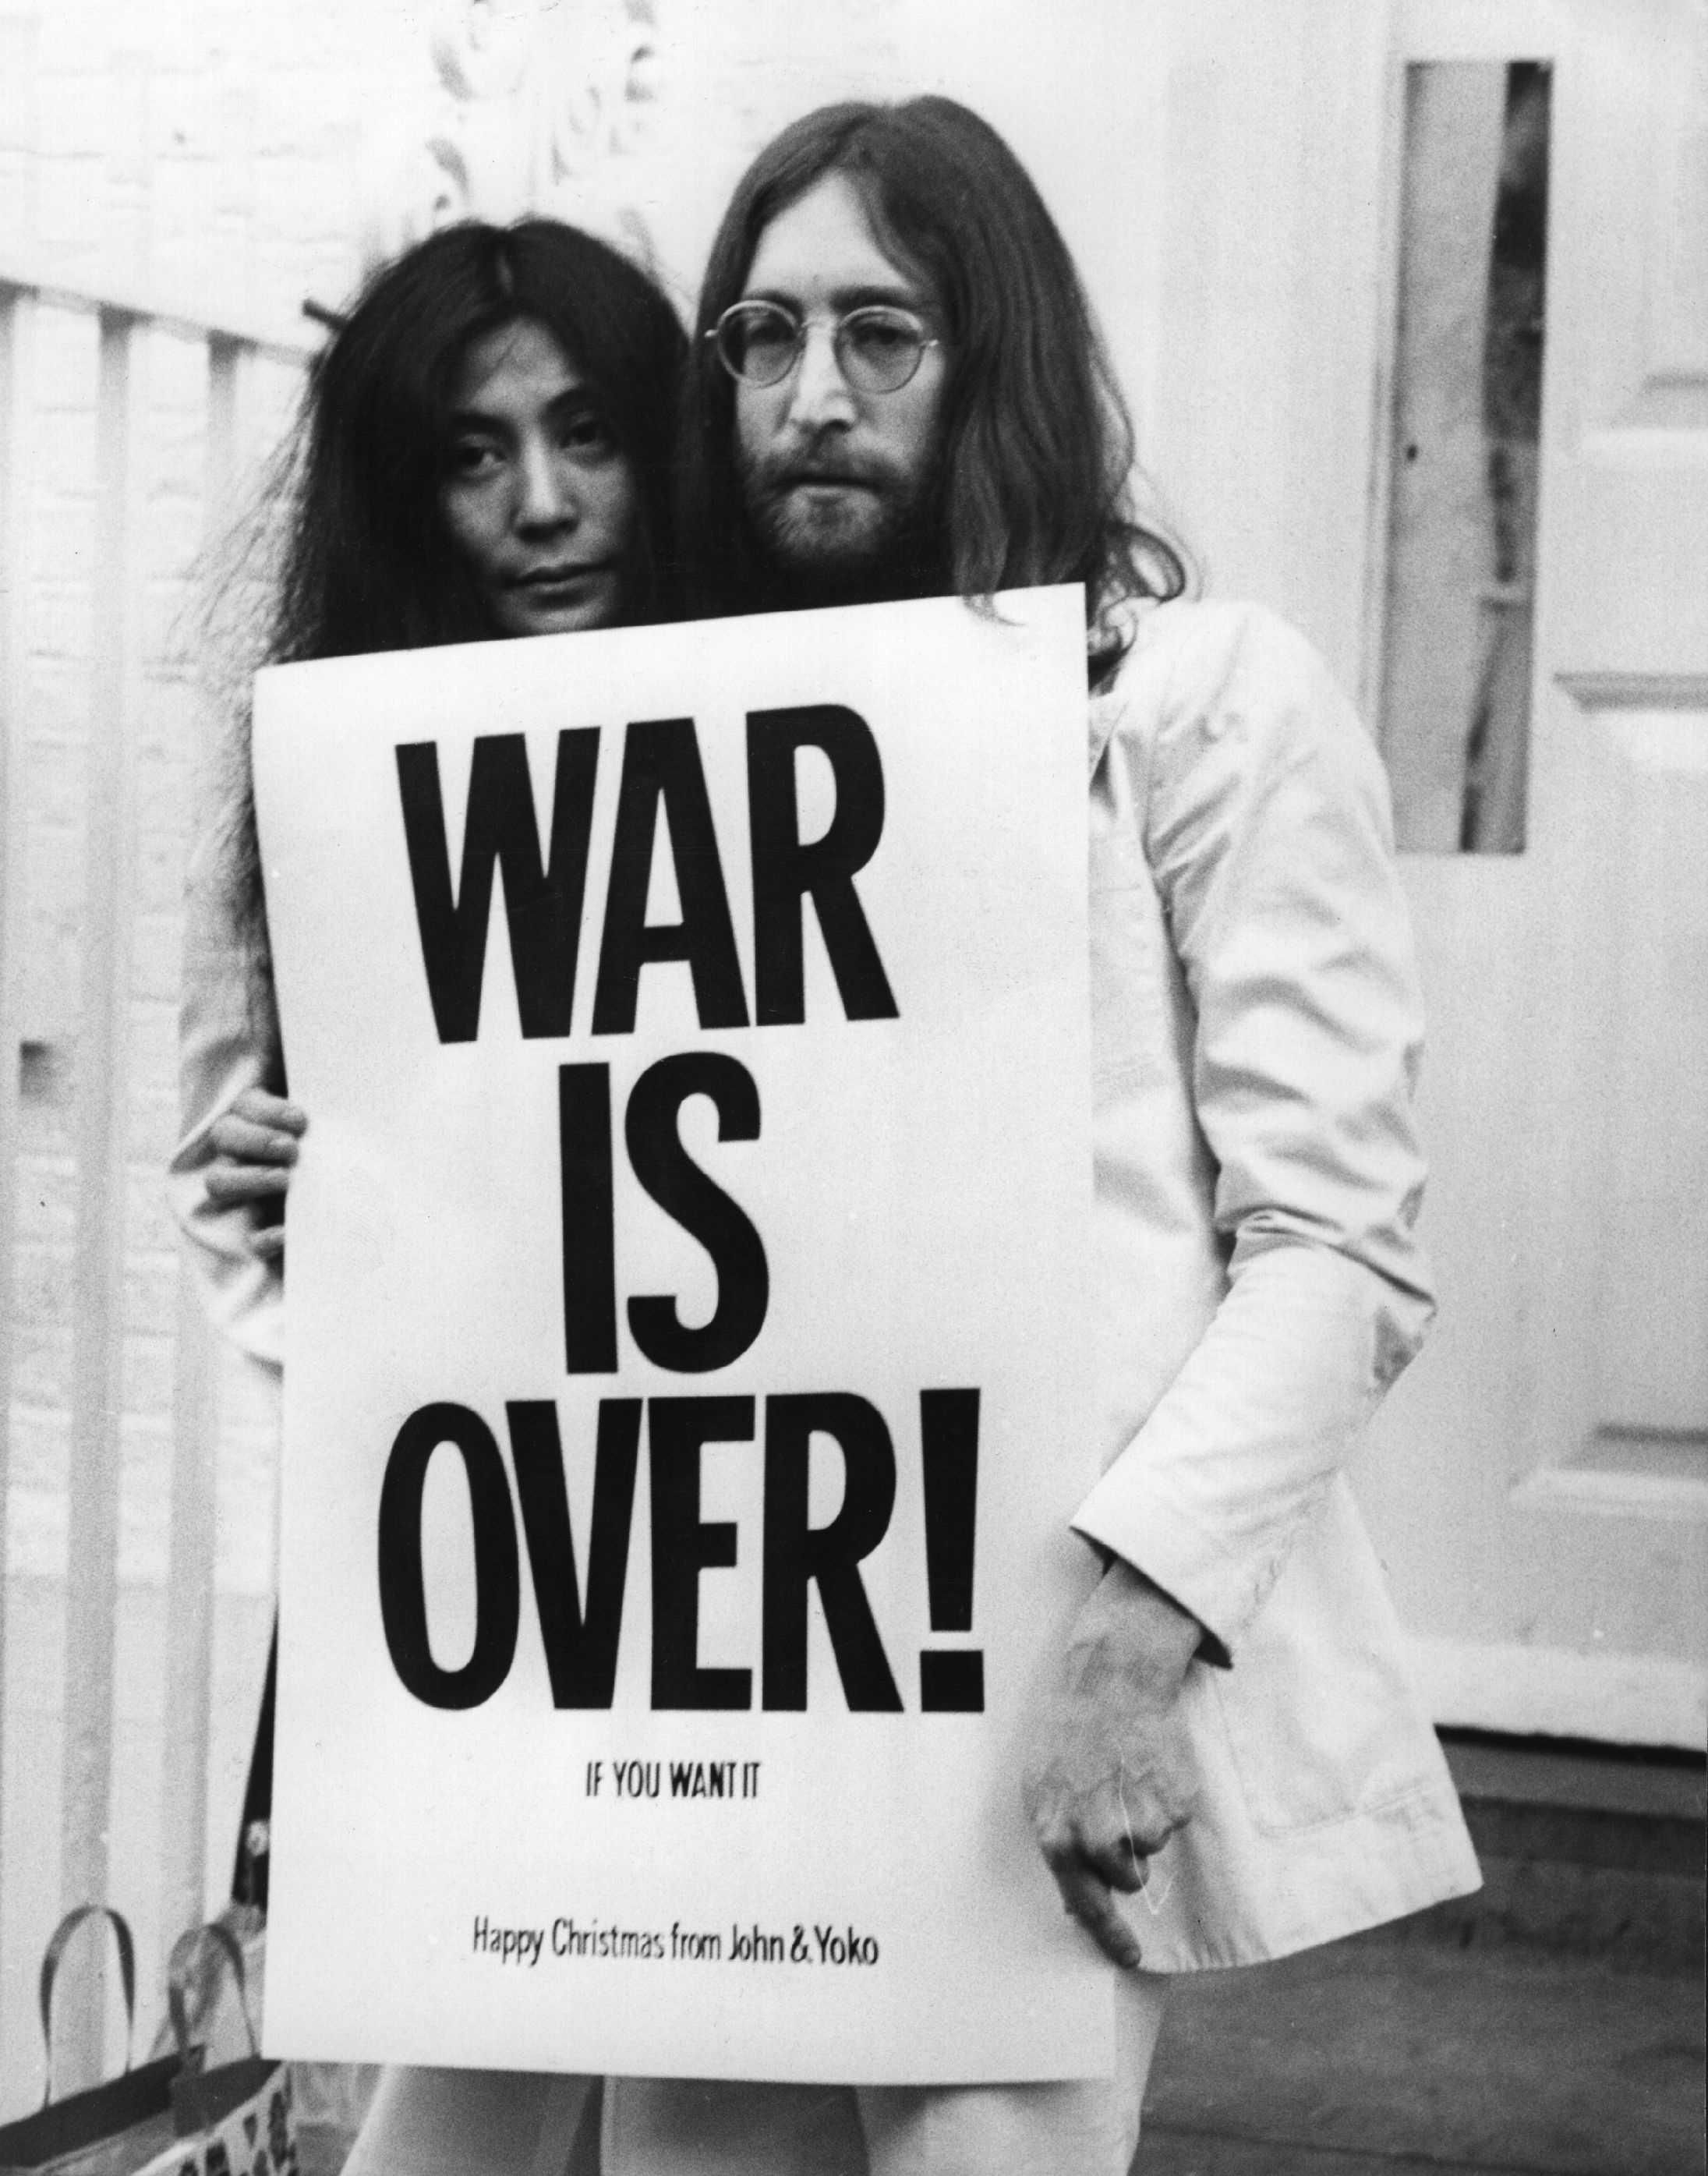 Entrevista a John Lennon y Yoko Ono por Por David Sheff